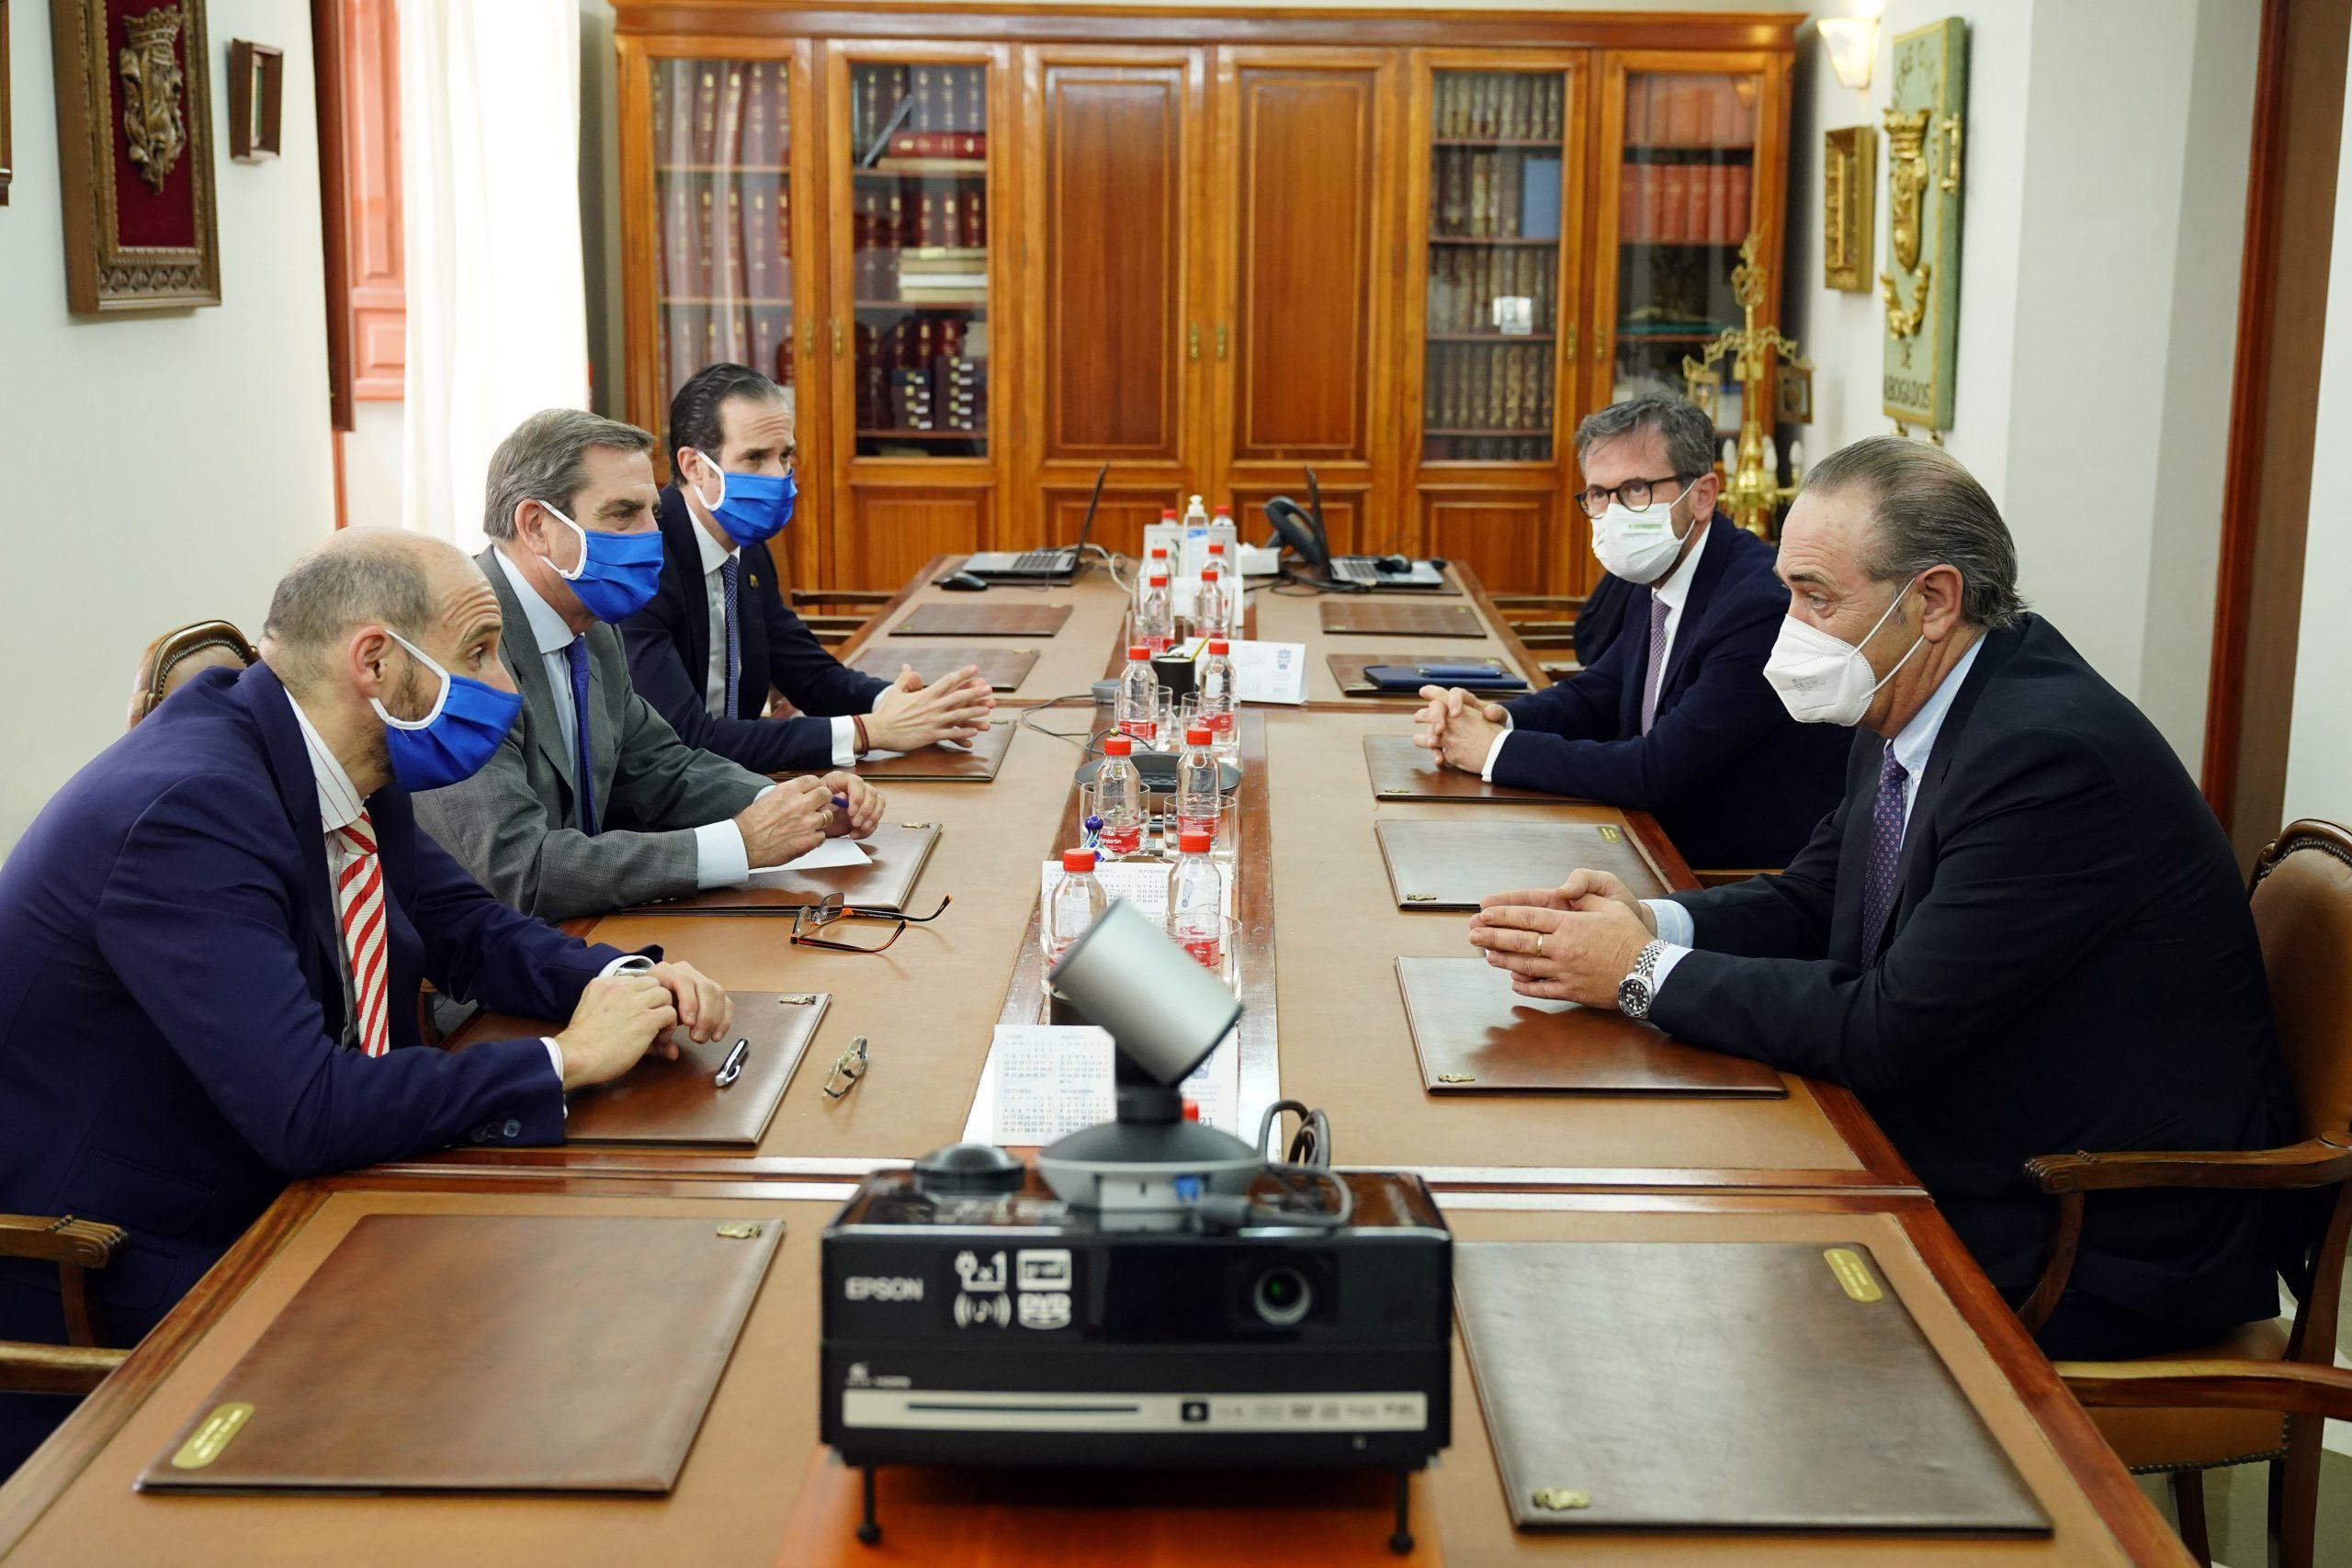 Momento de la reunión entre representantes de ambas organizaciones.